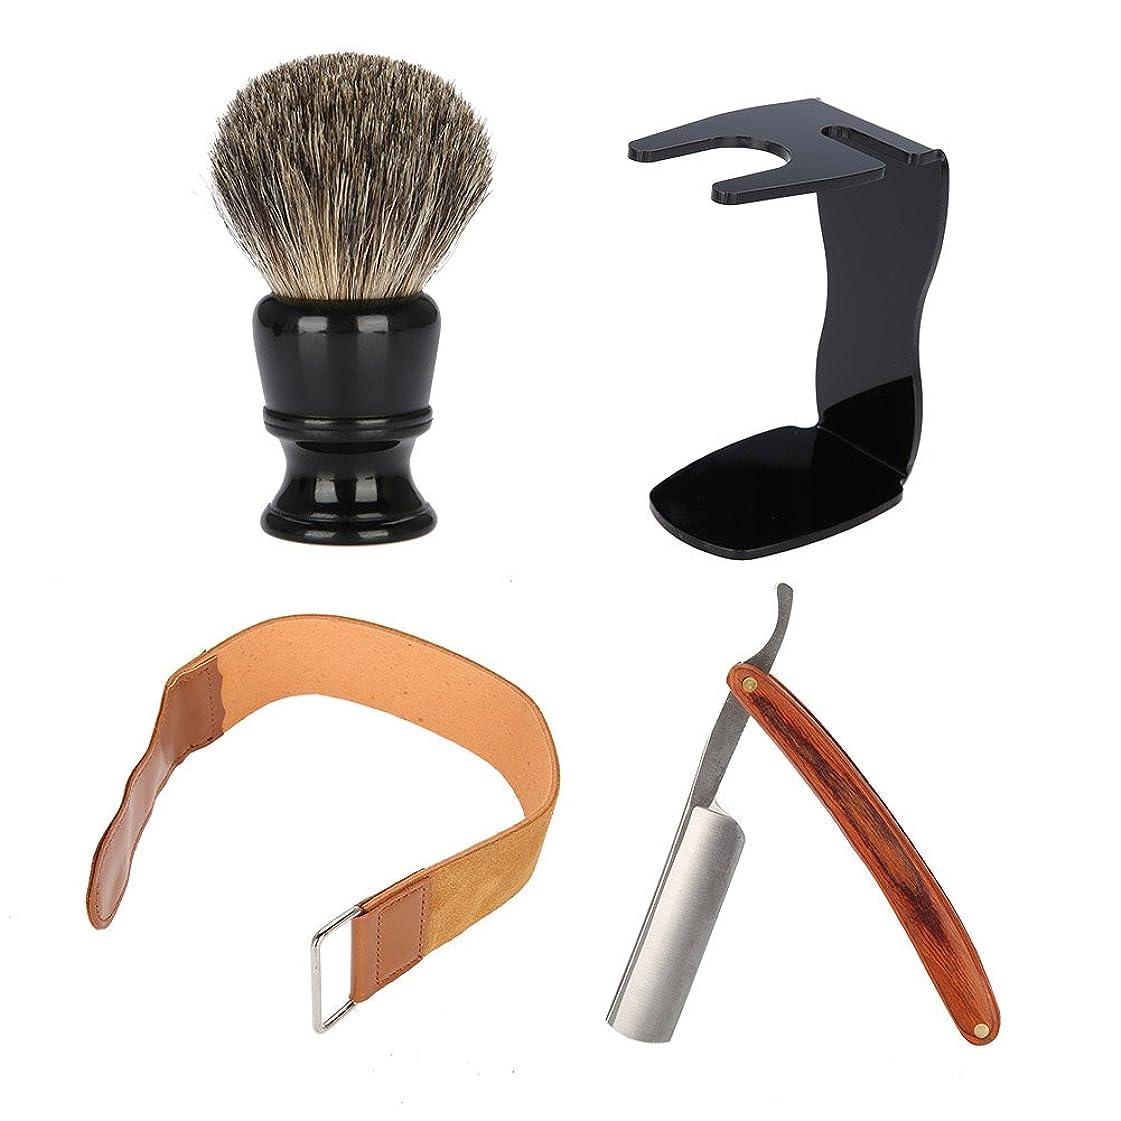 無駄に故障光のかみそりセットを剃っている人、まっすぐな手動かみそりの剃毛ブラシ革鋭い革ベルトの男性の手入れをするキット